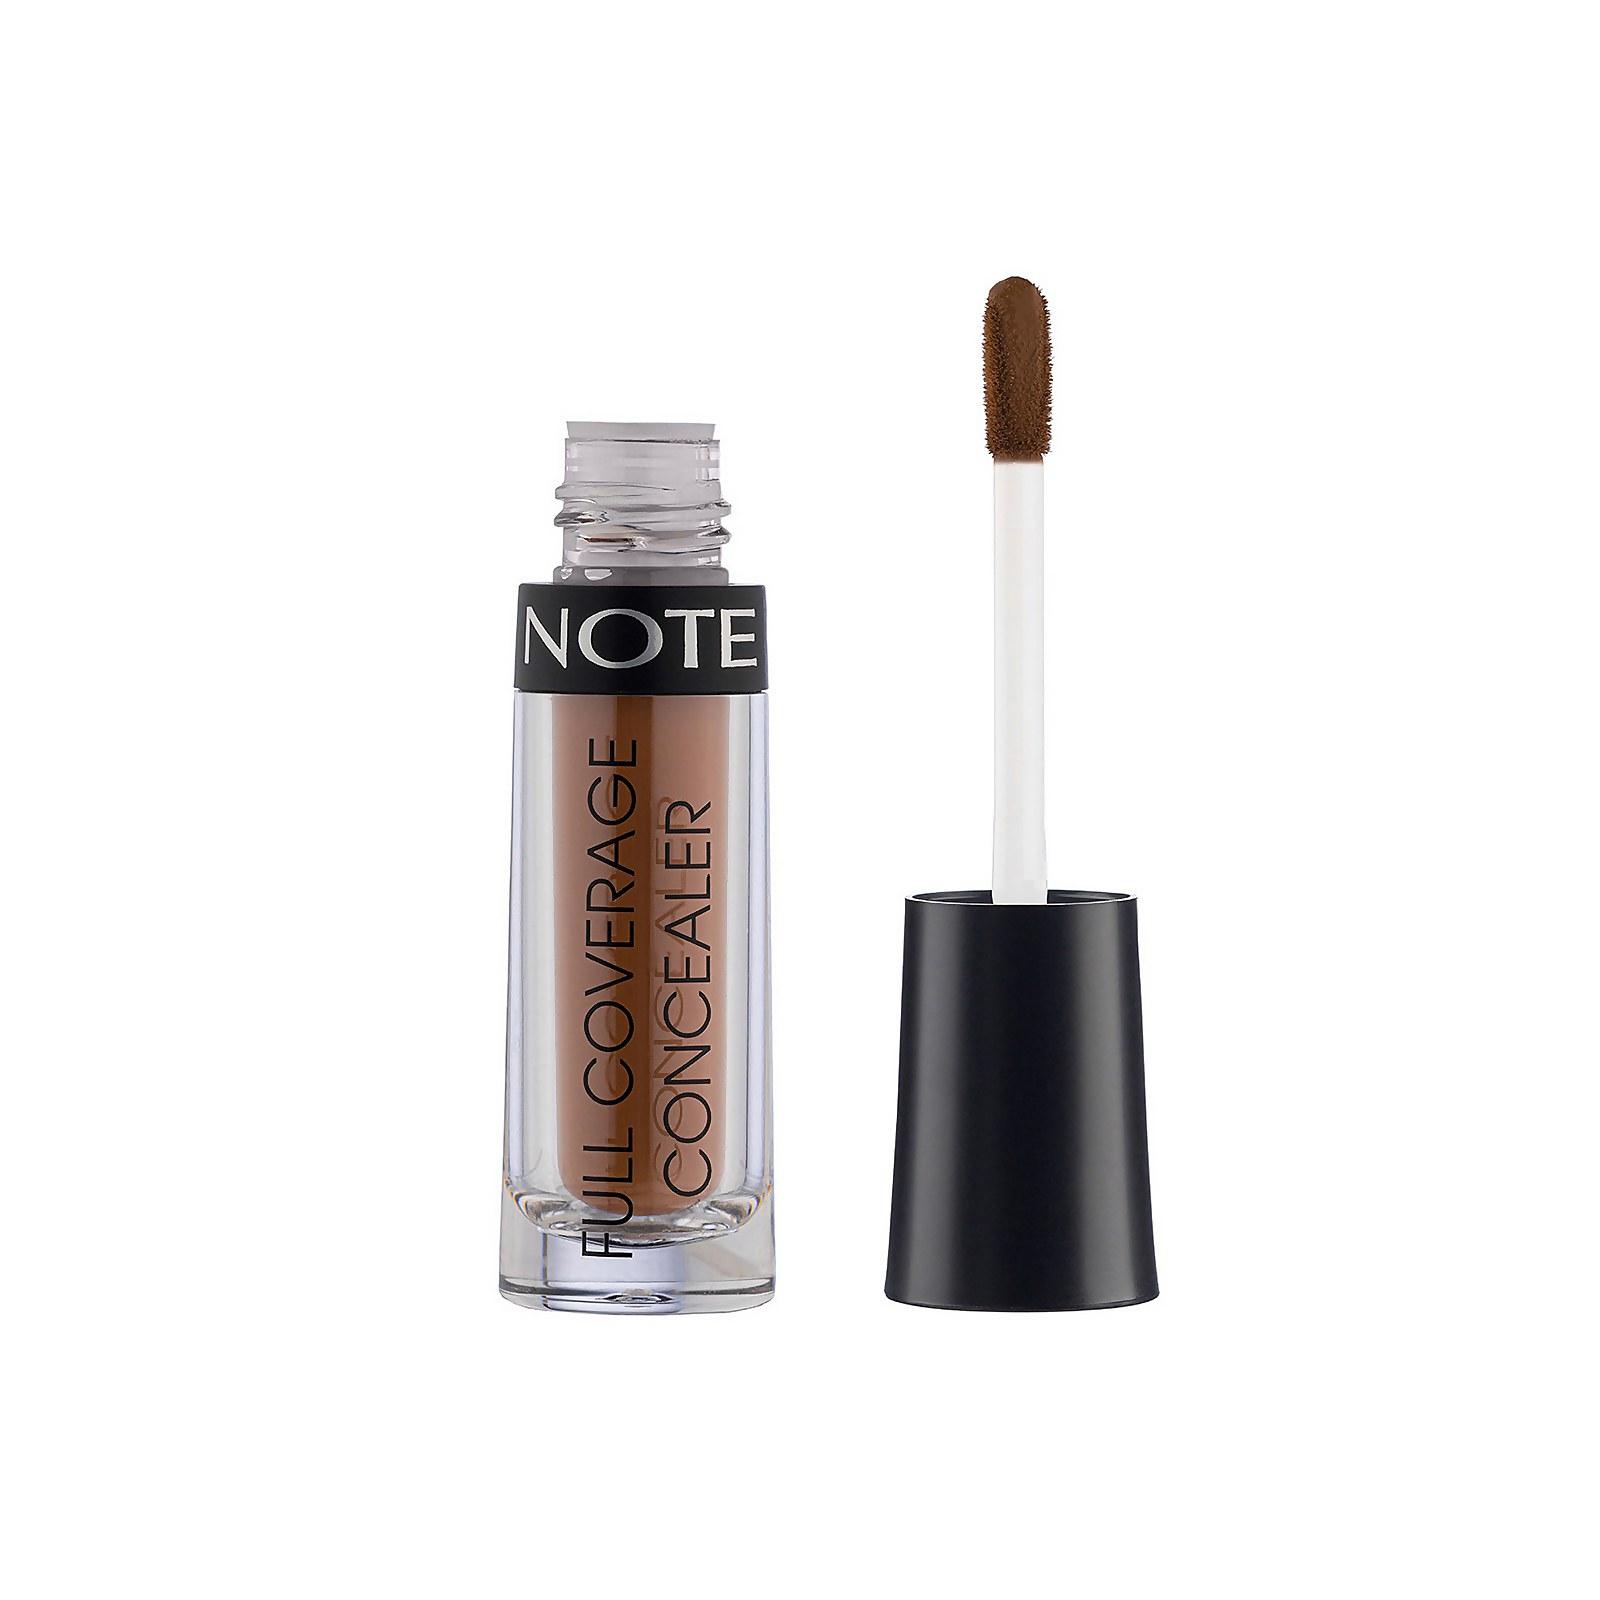 Купить Жидкий консилер Note Cosmetics Full Coverage Liquid Concealer 2, 3 мл (различные оттенки) - 401 Warm Beige